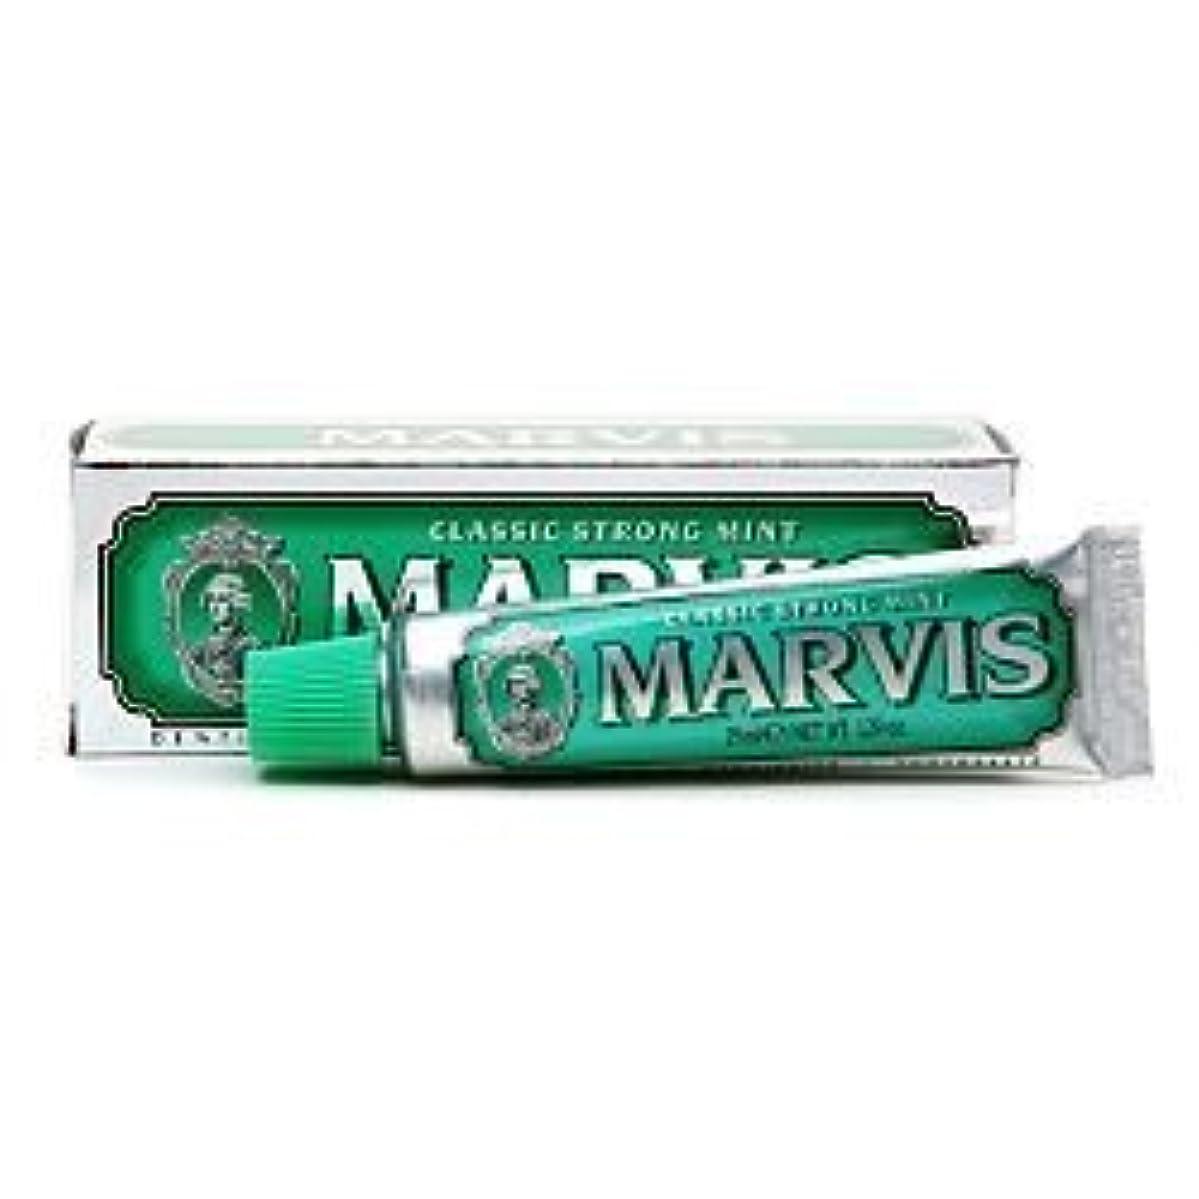 フォーク七面鳥プランターMarvis Travel Sized Toothpaste, Classic Strong Mint 1.29 oz (25 ml) (Qunatity of 4) by Marvis [並行輸入品]